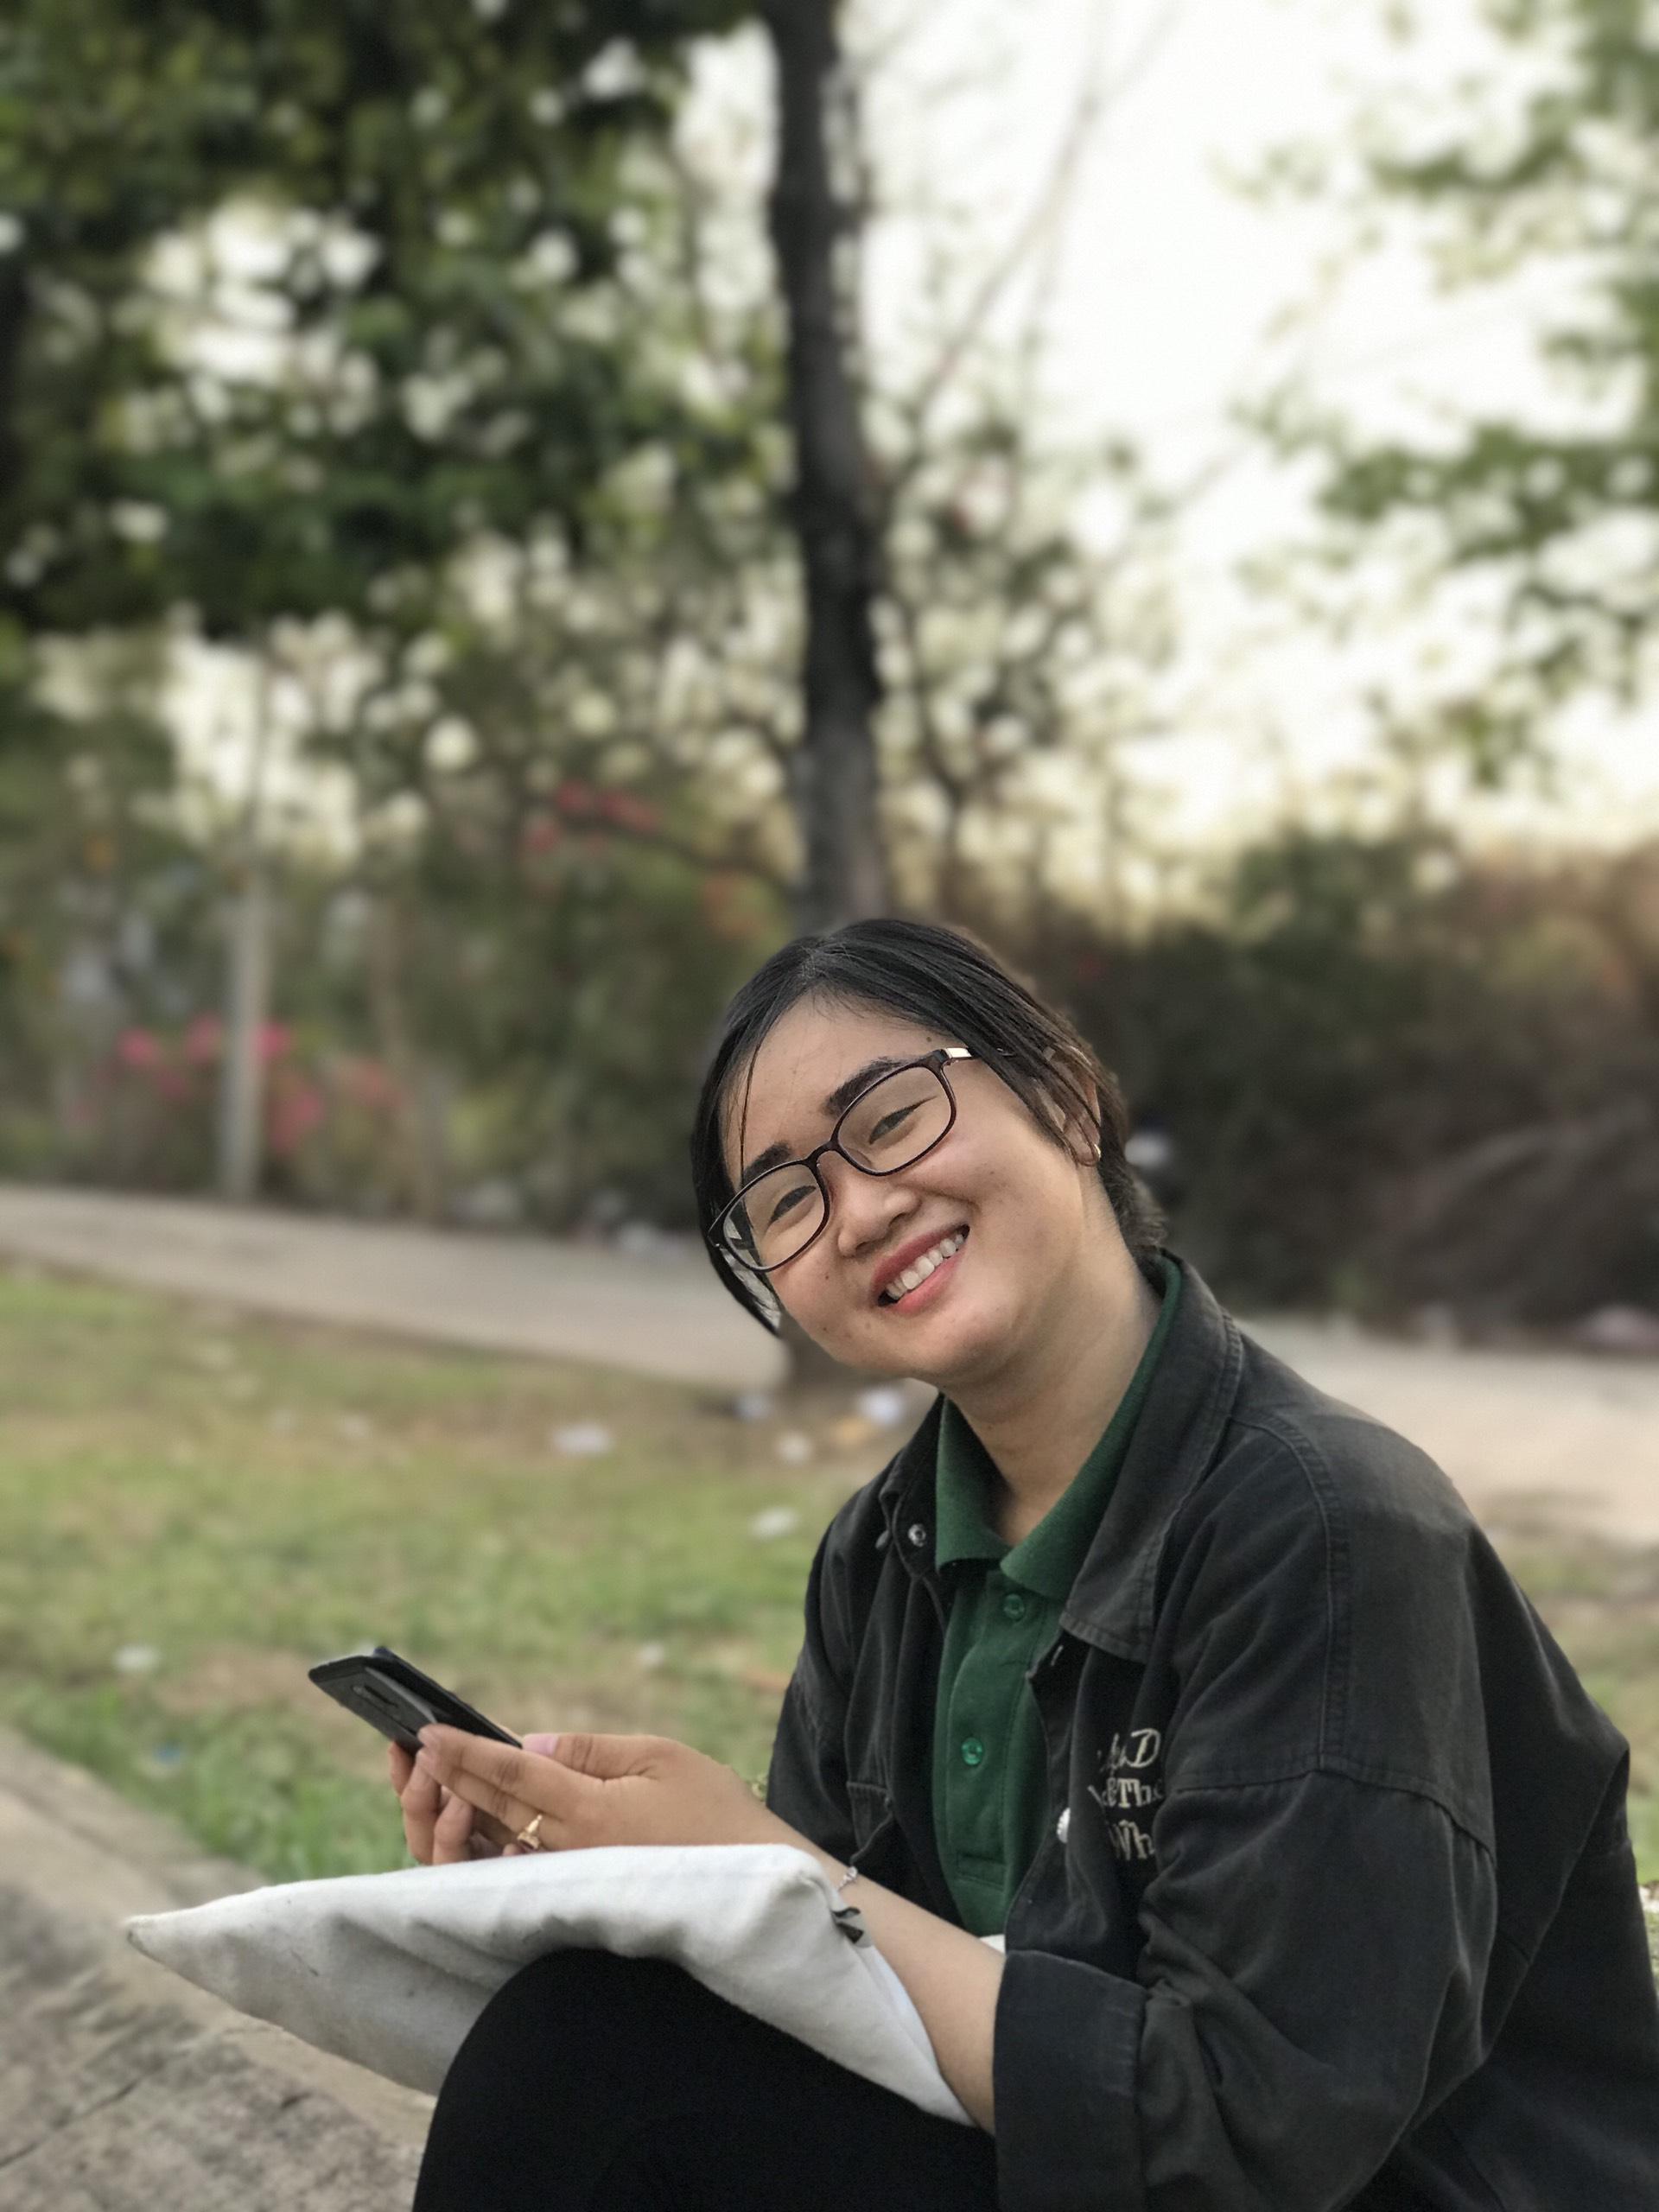 Nguyễn Thị Mỹ Huệ tìm được mong muốn của bản thân khi tham gia chương trình UEH Mentoring. Ảnh: NVCC